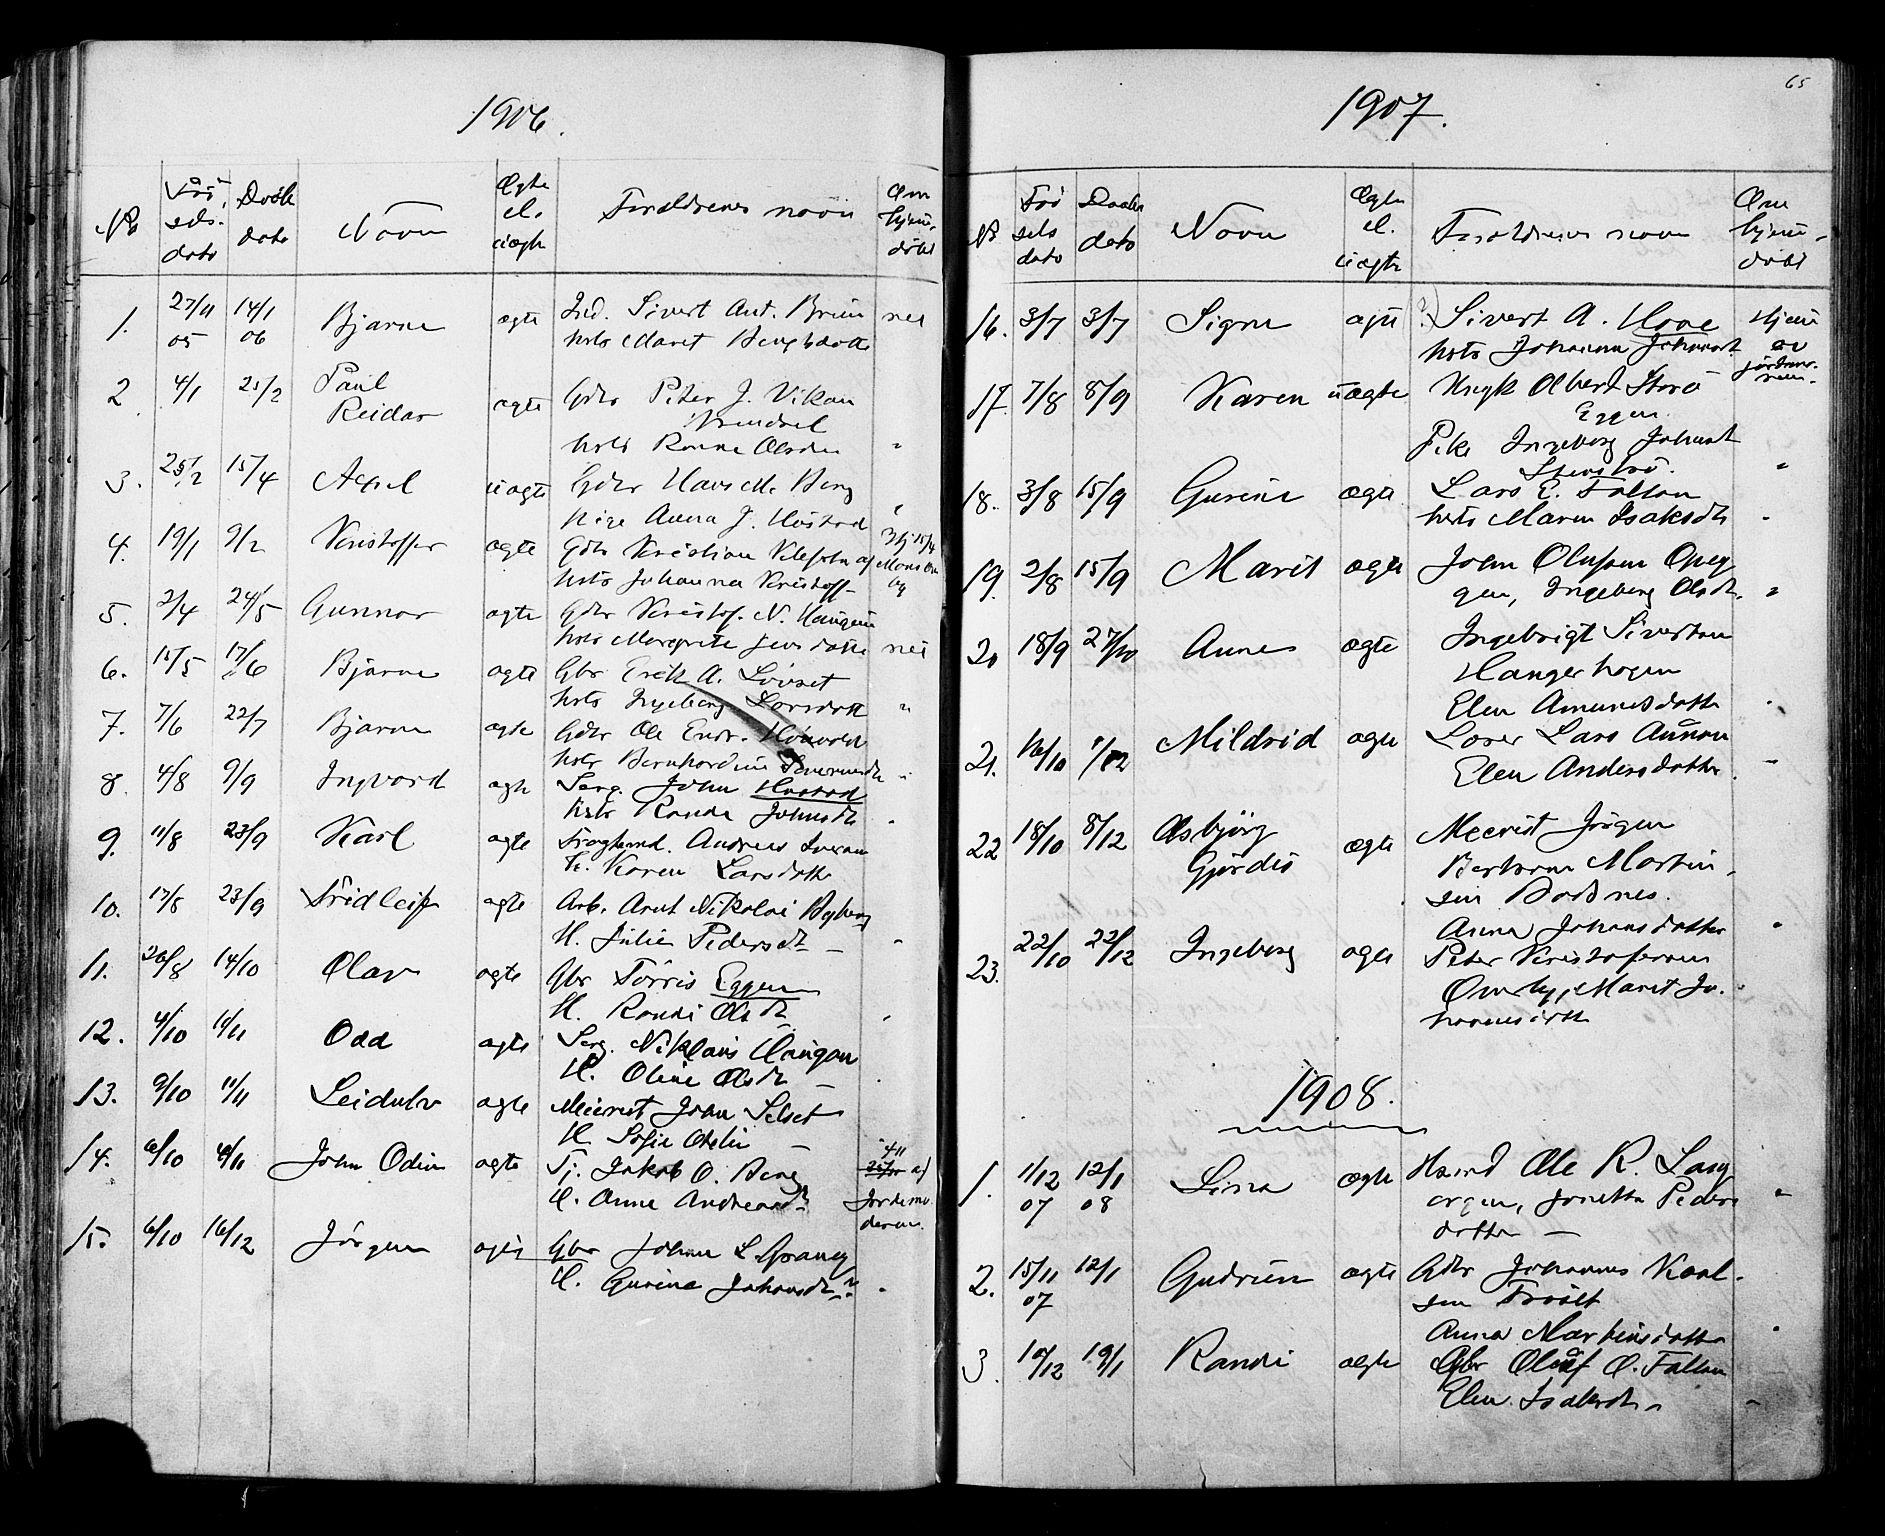 SAT, Ministerialprotokoller, klokkerbøker og fødselsregistre - Sør-Trøndelag, 612/L0387: Klokkerbok nr. 612C03, 1874-1908, s. 65